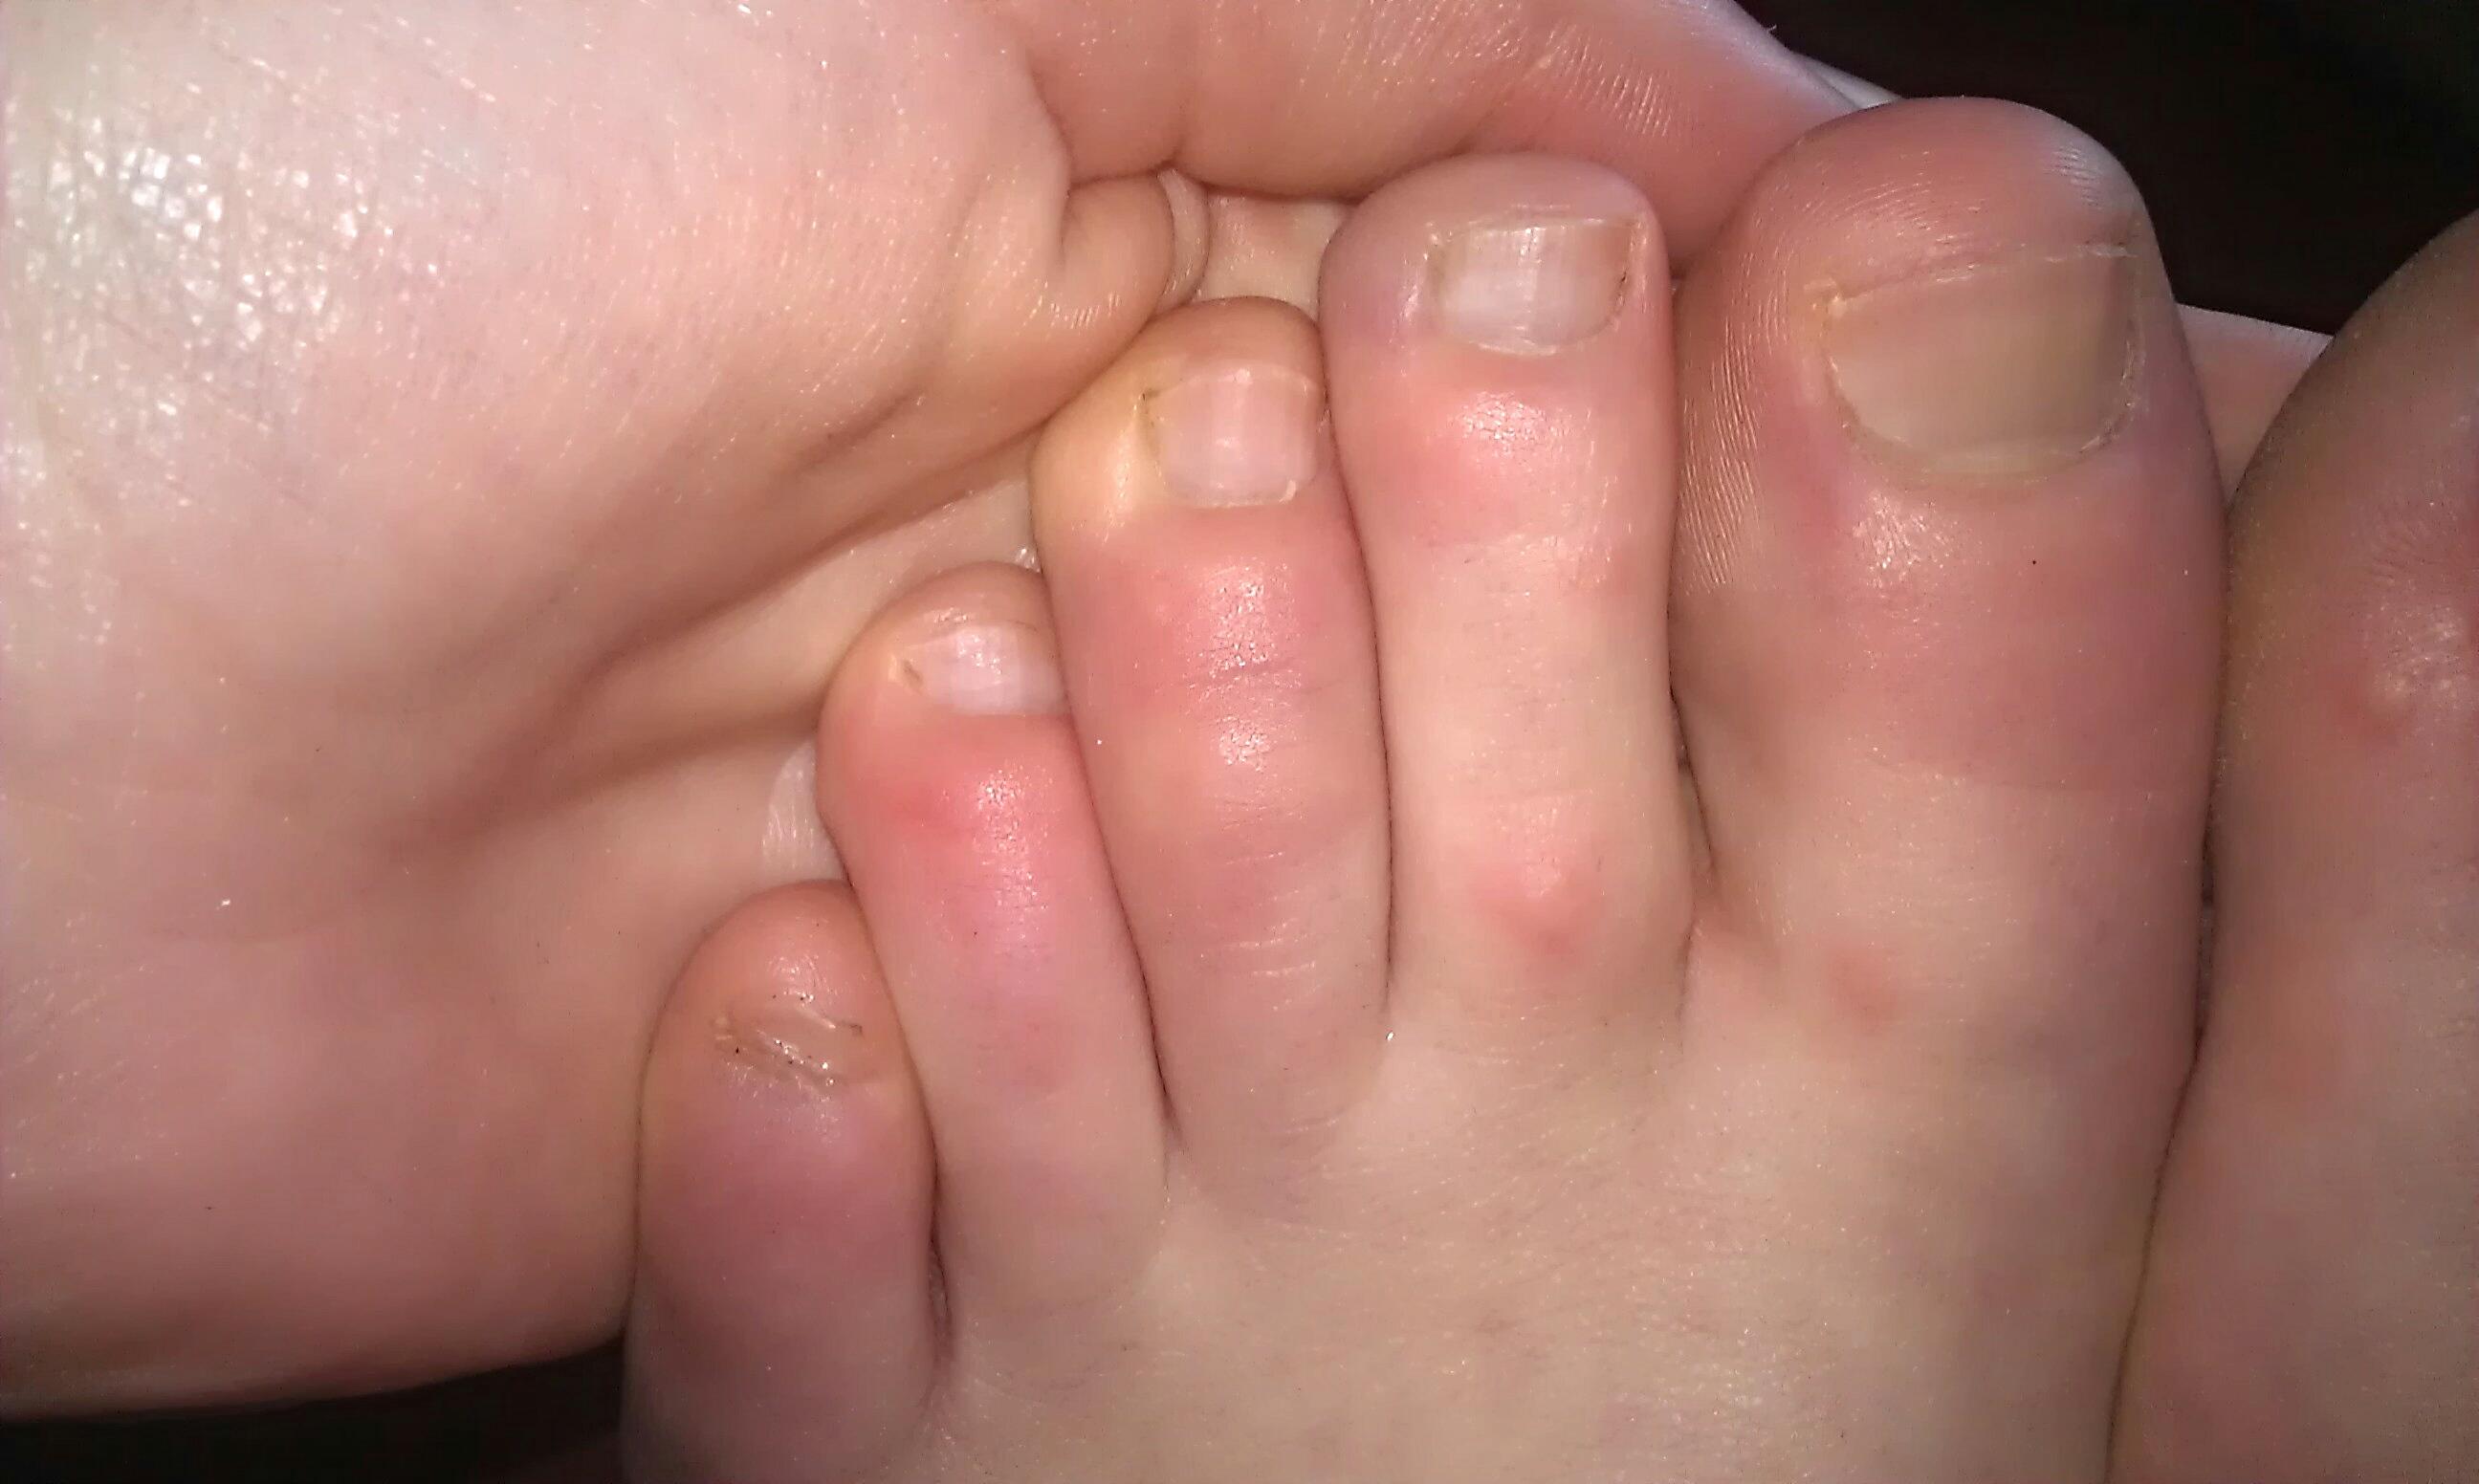 Geschwollene Beine und Füße – Ursachen: Lympherkrankungen